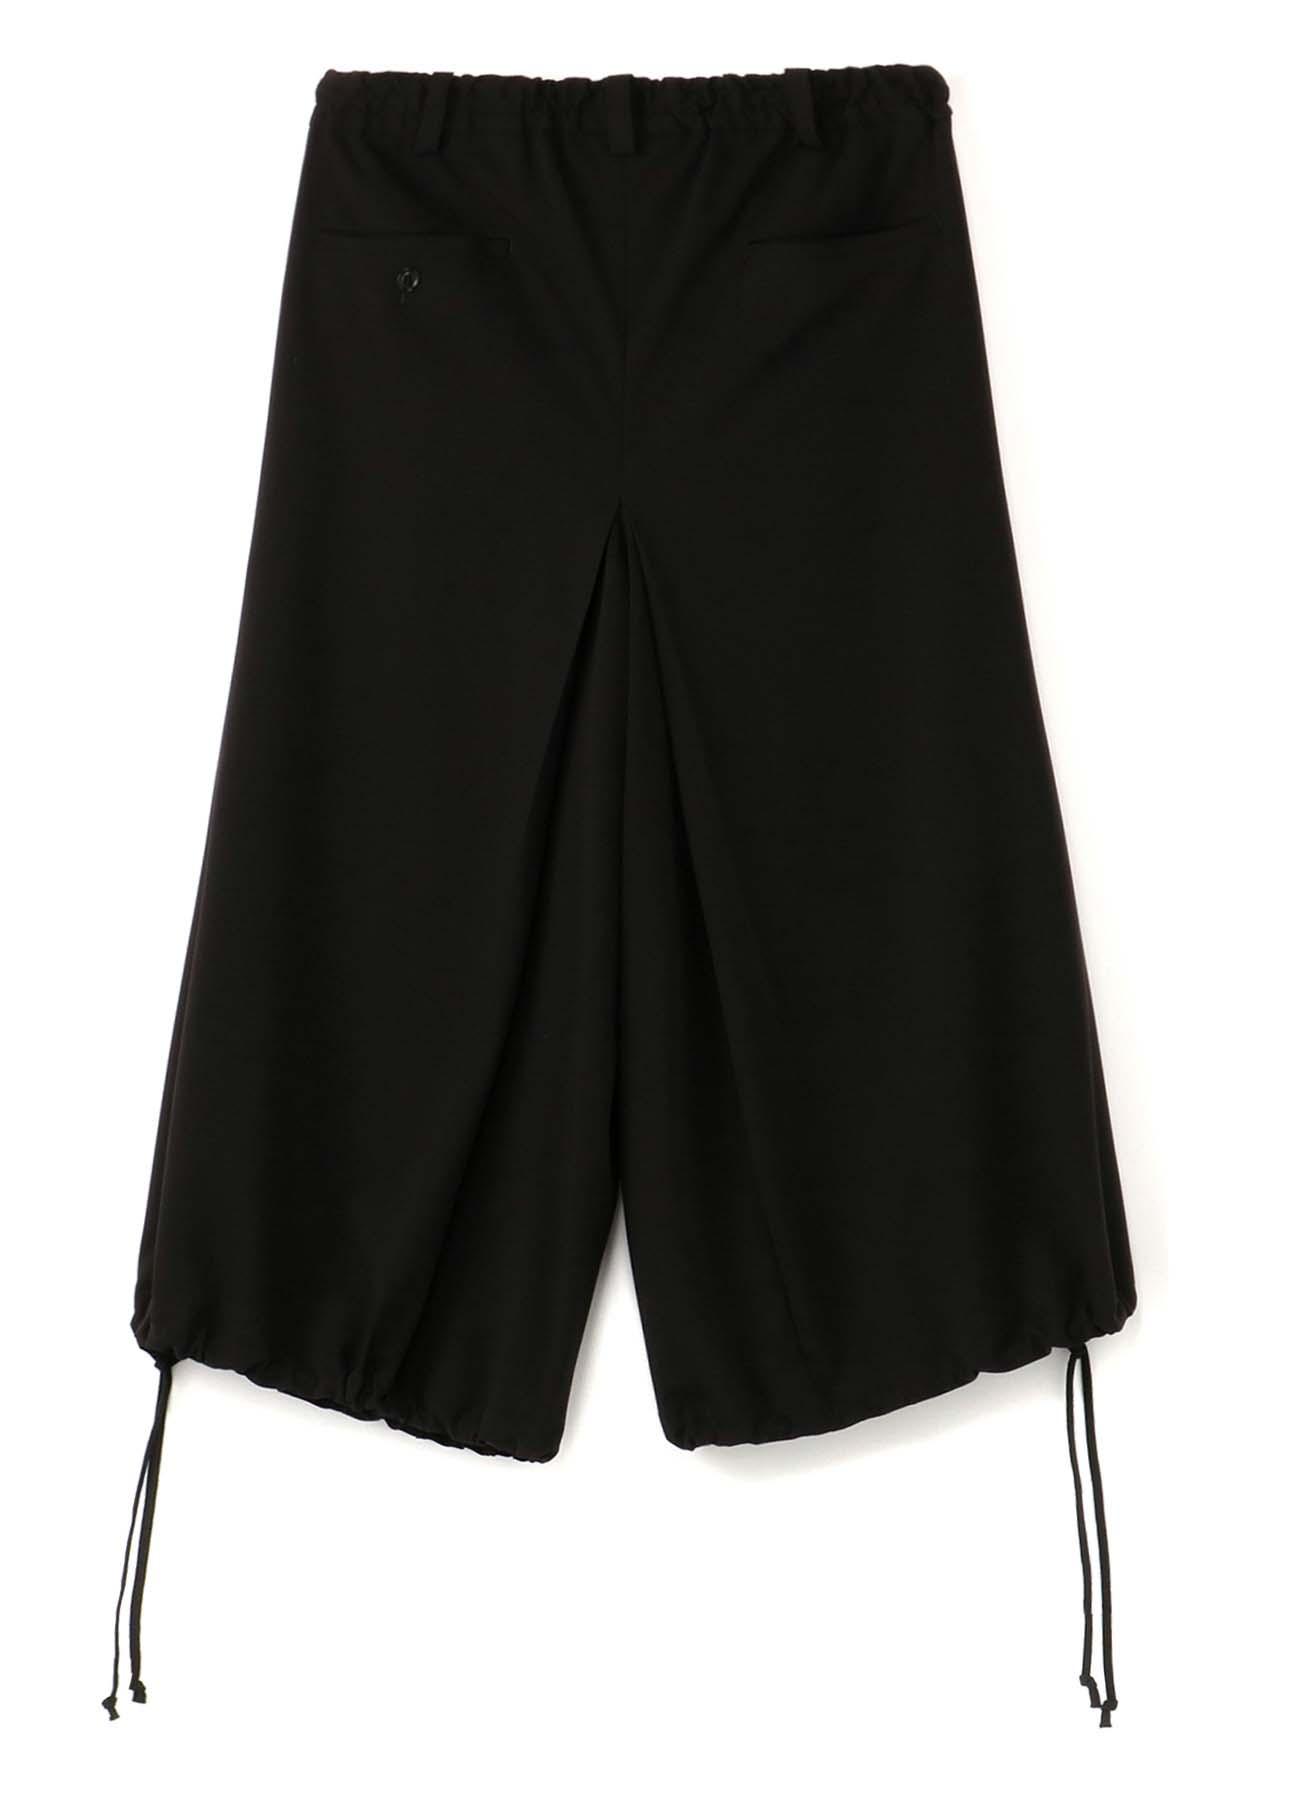 日式和风袴灯笼裤